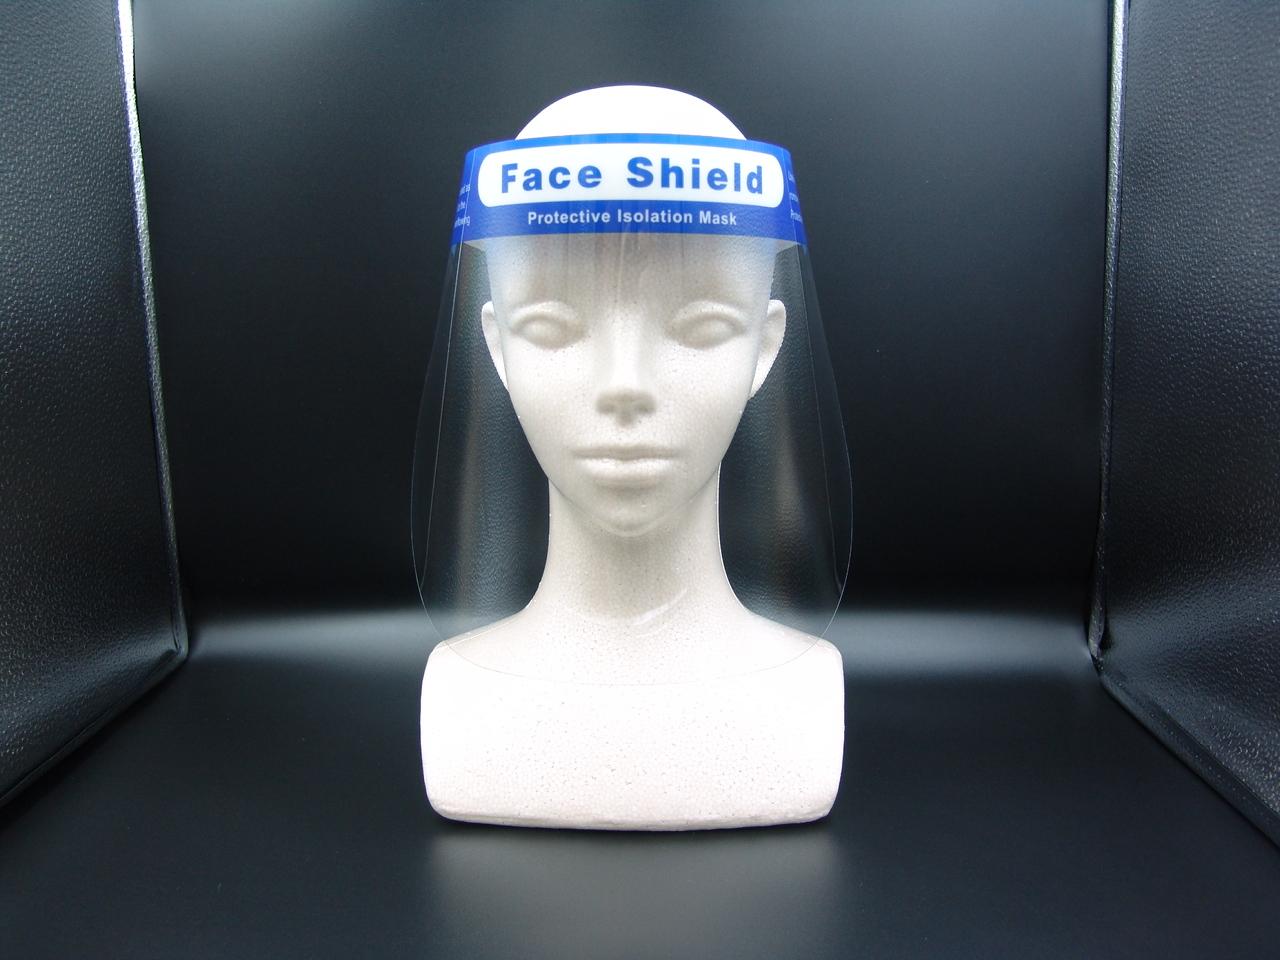 海外限定 飛沫から顔を保護するフェイスシールド フェイスシールド 1枚 新型コロナ ウイルス対策 感染予防 オリジナル フェイスガード 透明シールド